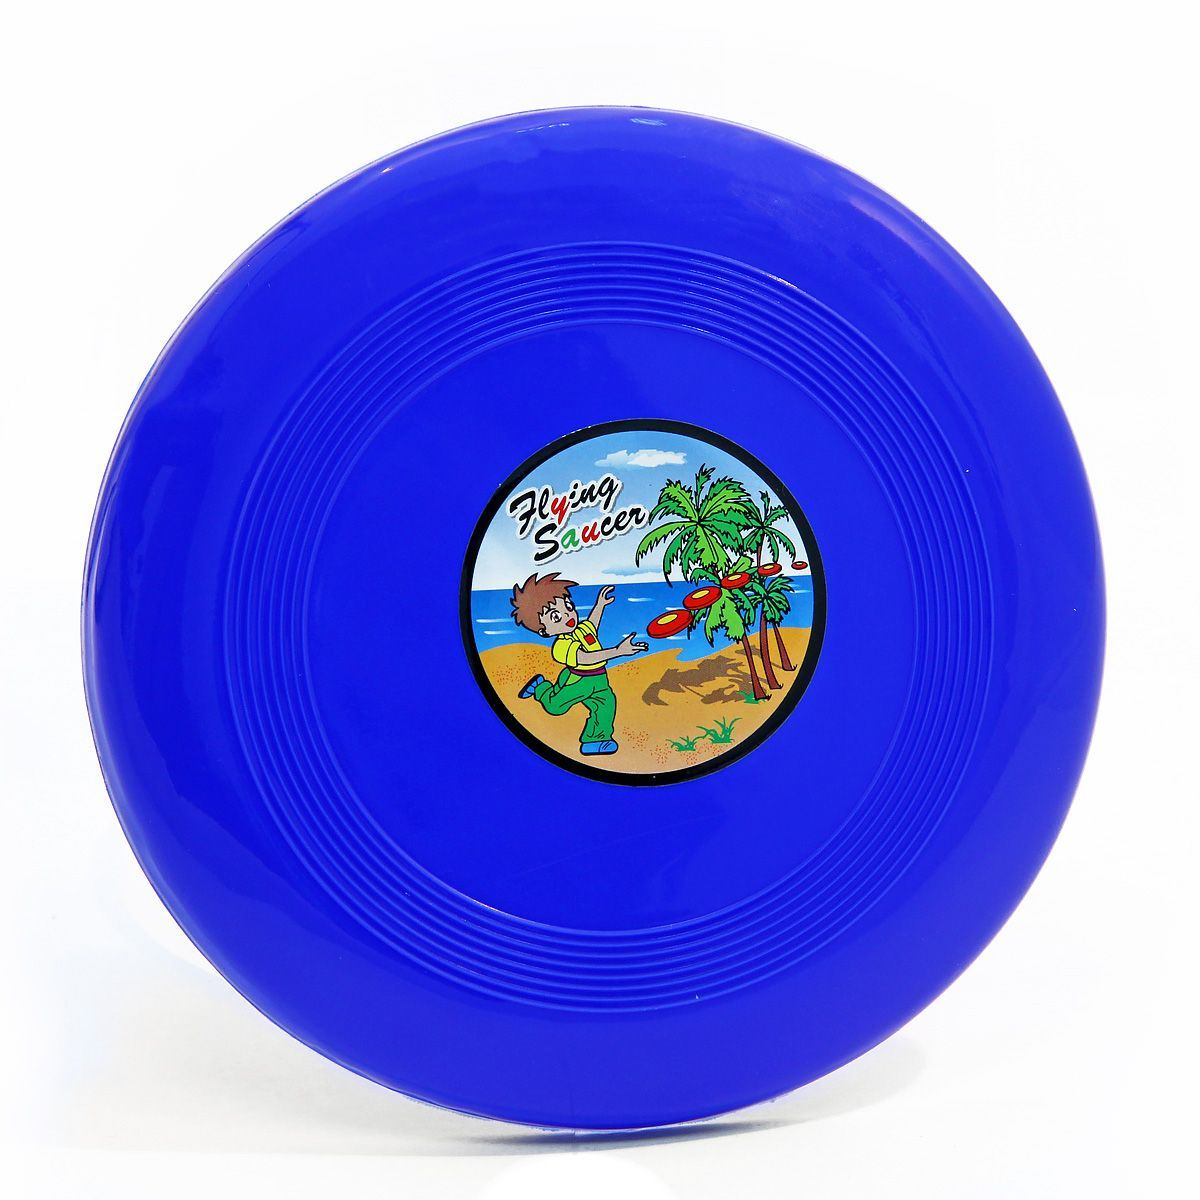 Veld-Co Летающая тарелка диаметр 14 см 43913